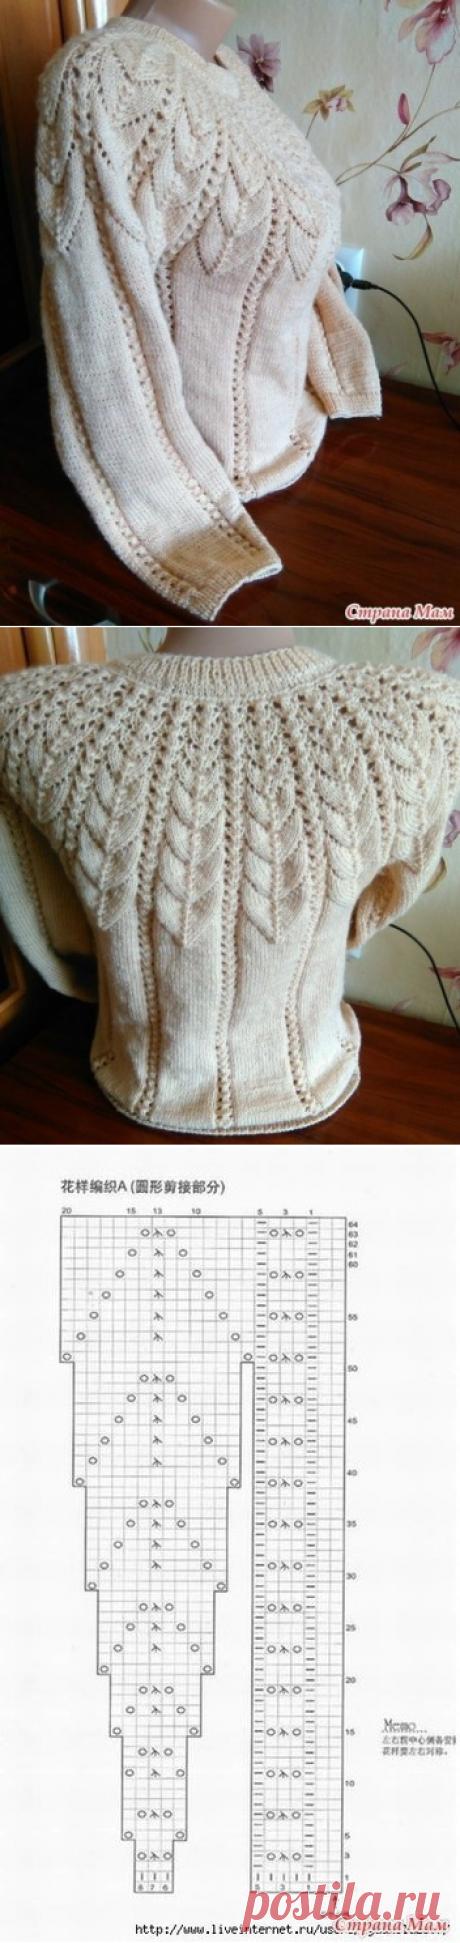 Невероятно красивый узор для свитера — Сделай сам, идеи для творчества - DIY Ideas